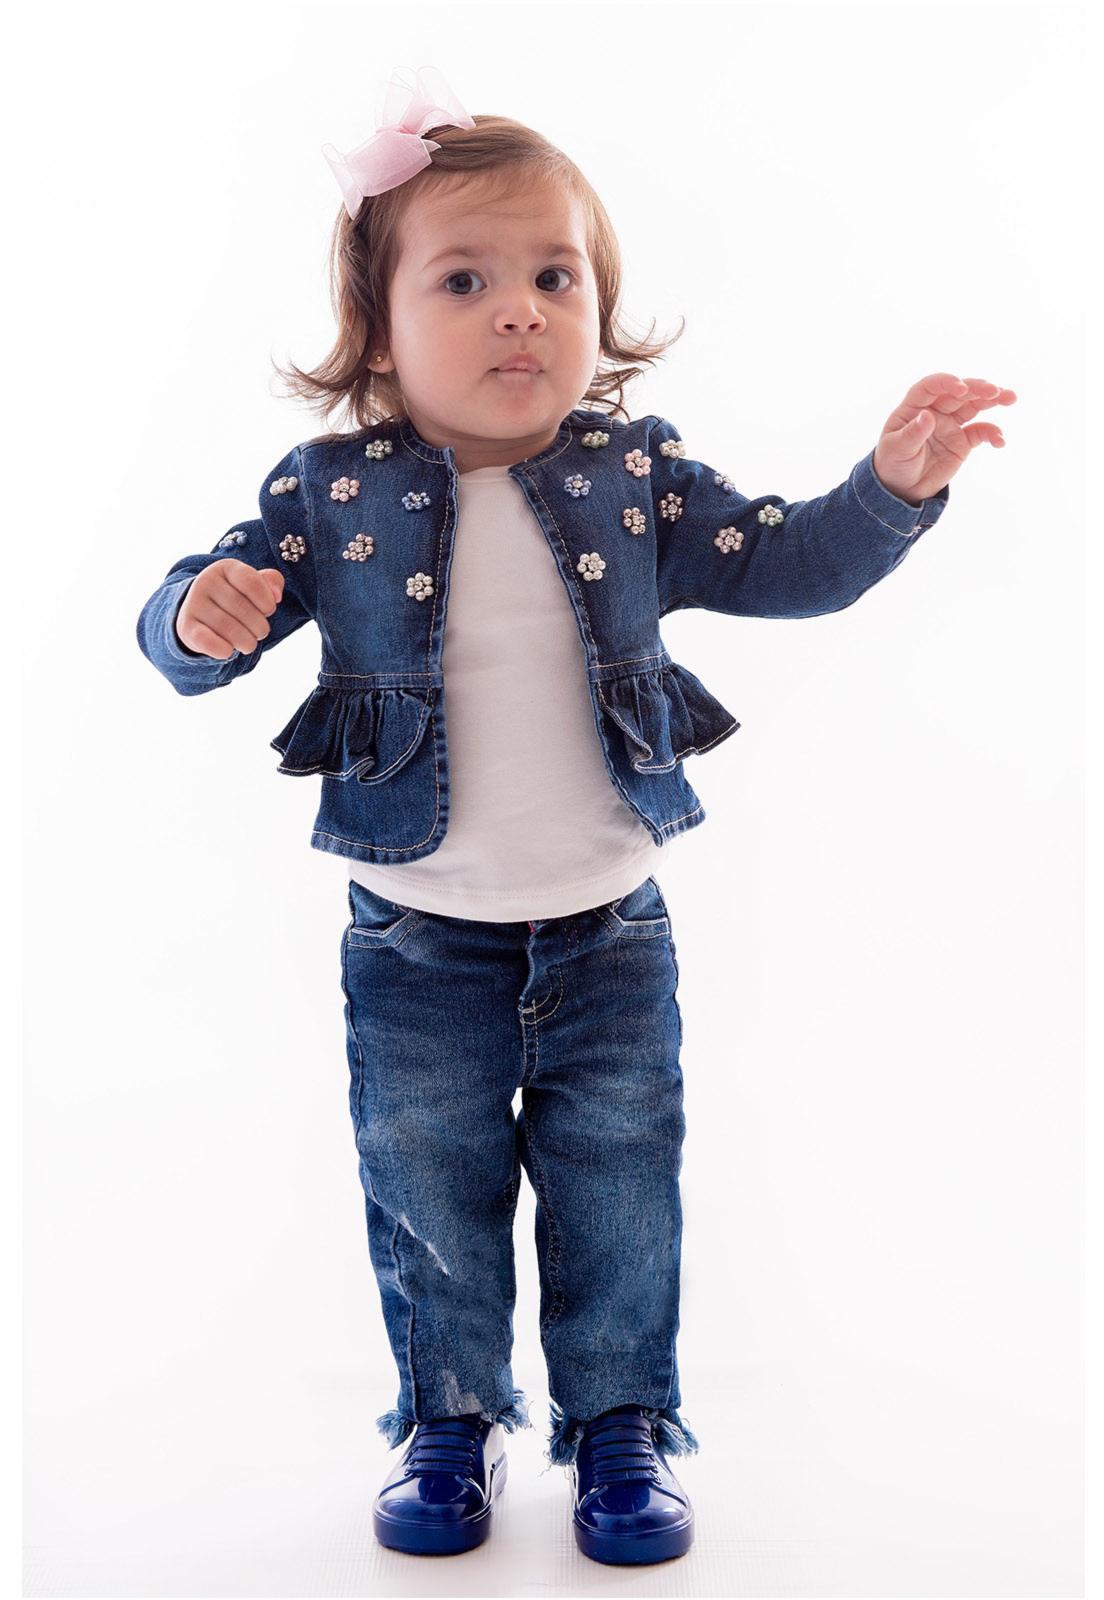 Casaqueto Jeans com Elastano Bordado em Pérolas Ref. 402